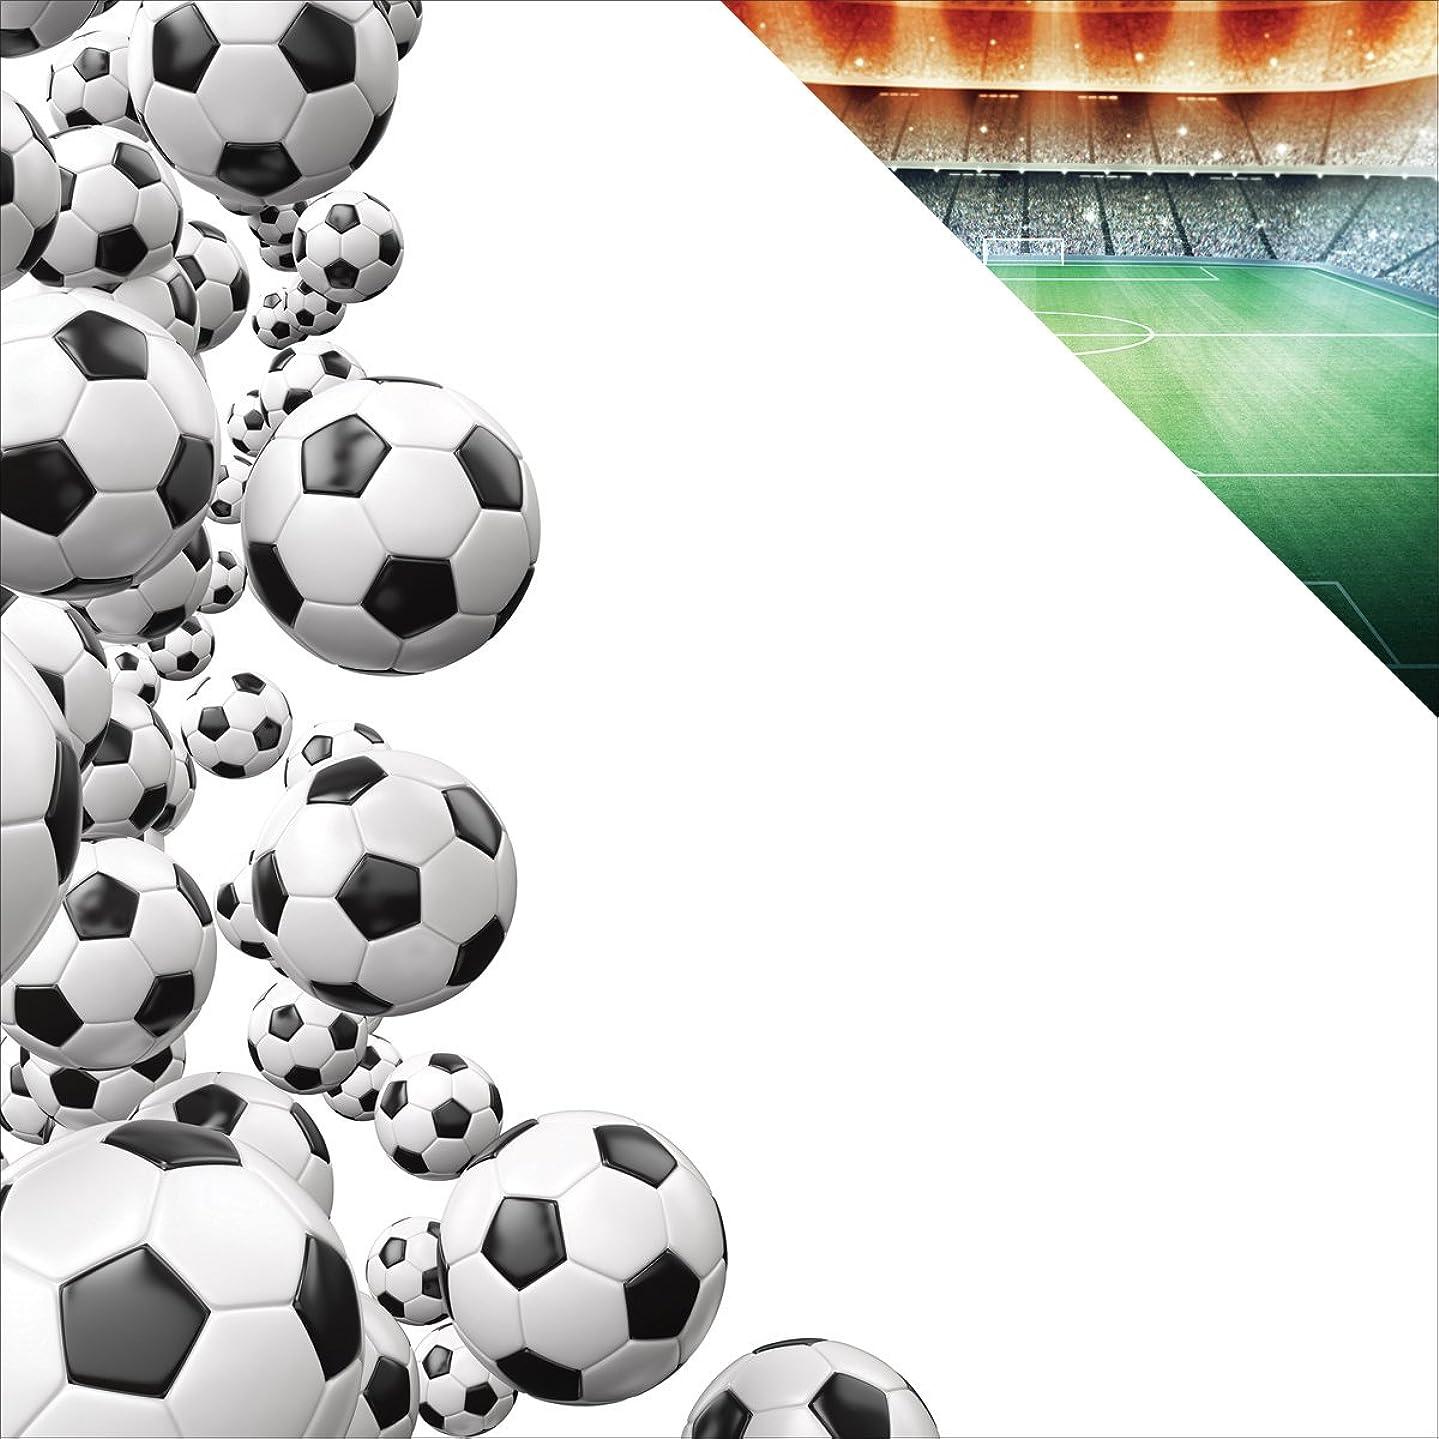 Reminisce TSOC-004 25 Sheet Border Soccer Double-Sided Cardstock, 12